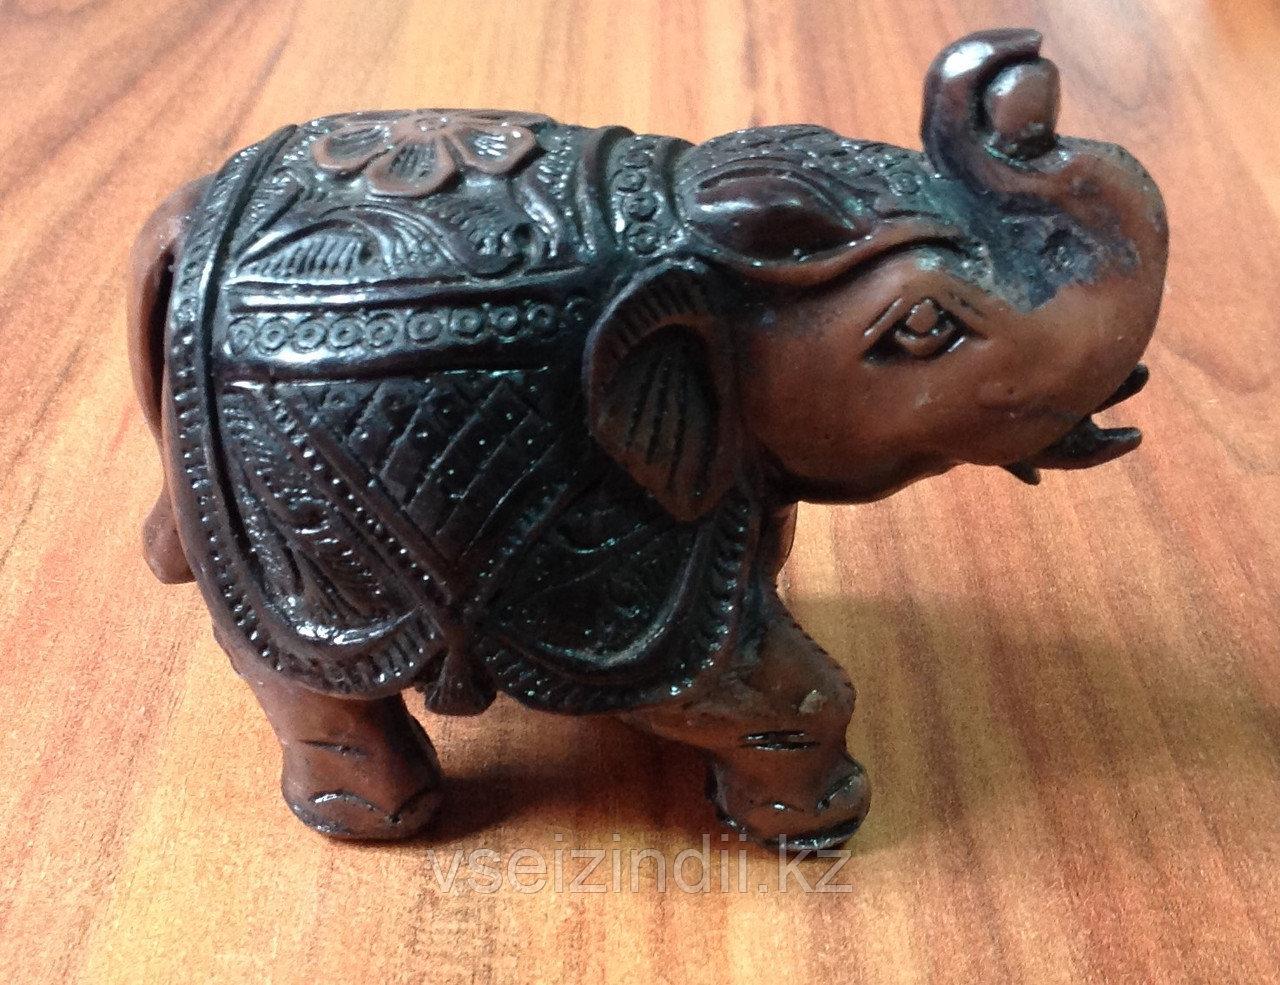 Статуэтка деревянный слон, темный